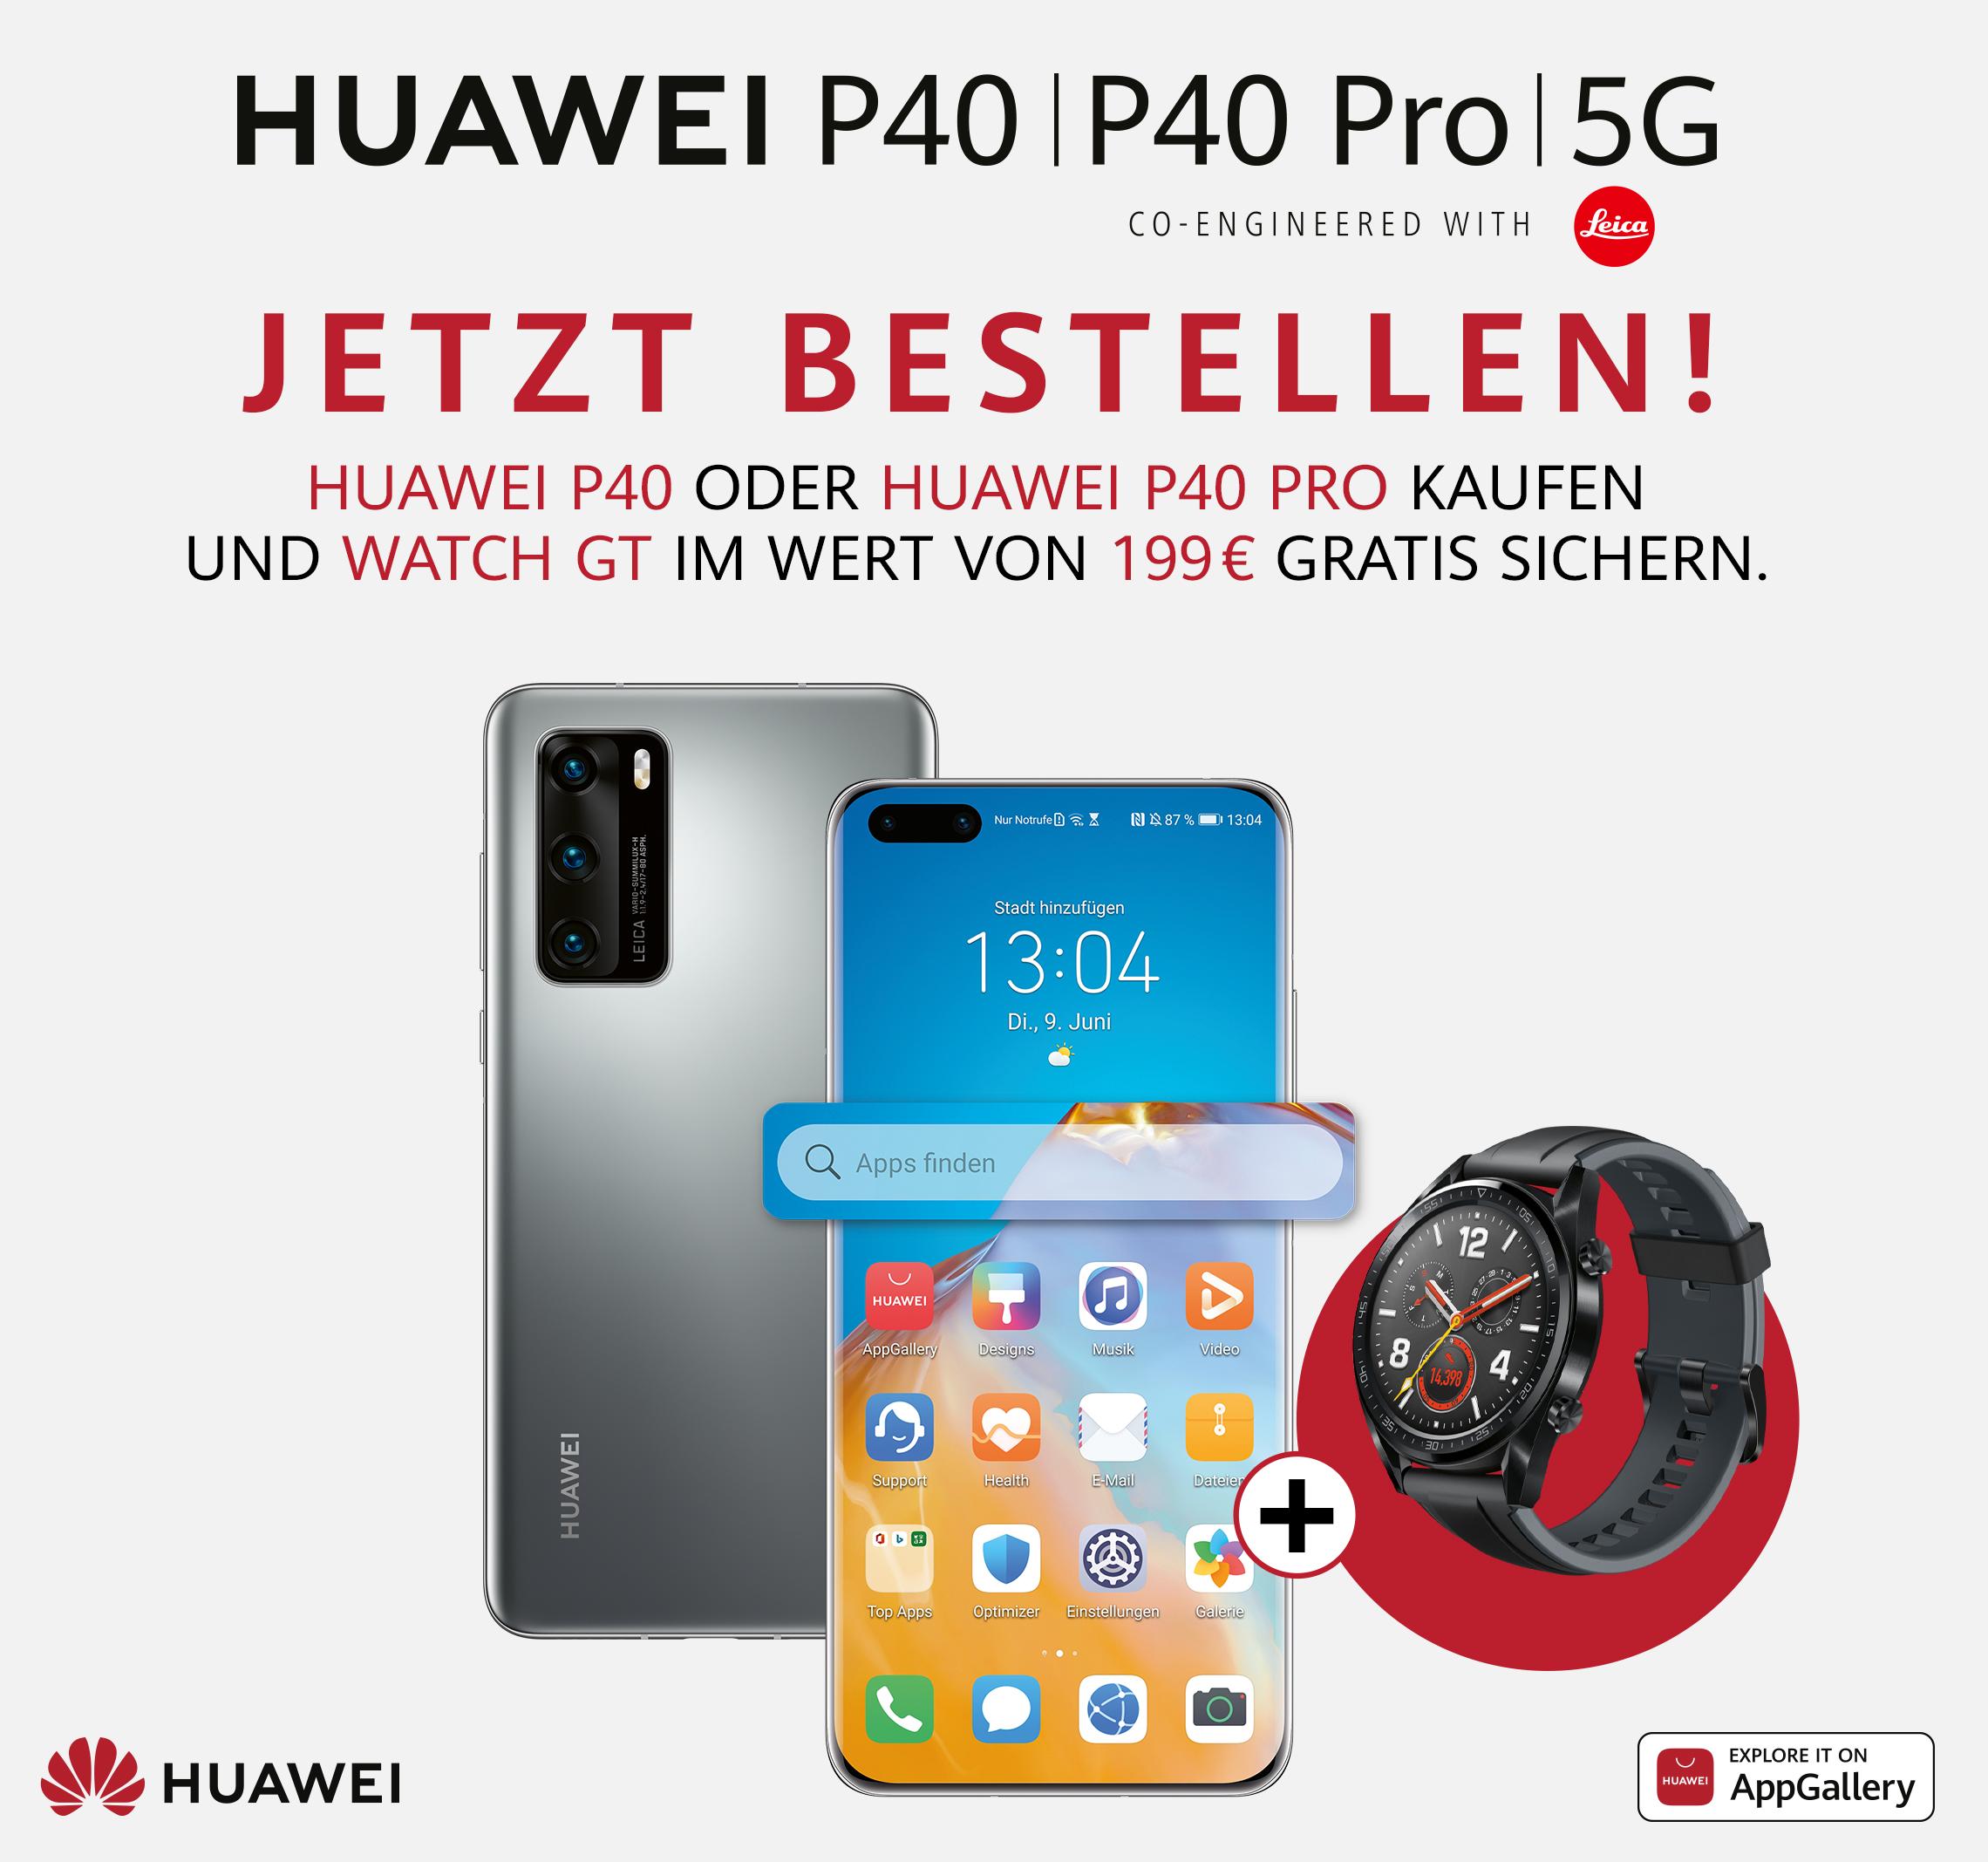 Huawei P40, P40 Pro